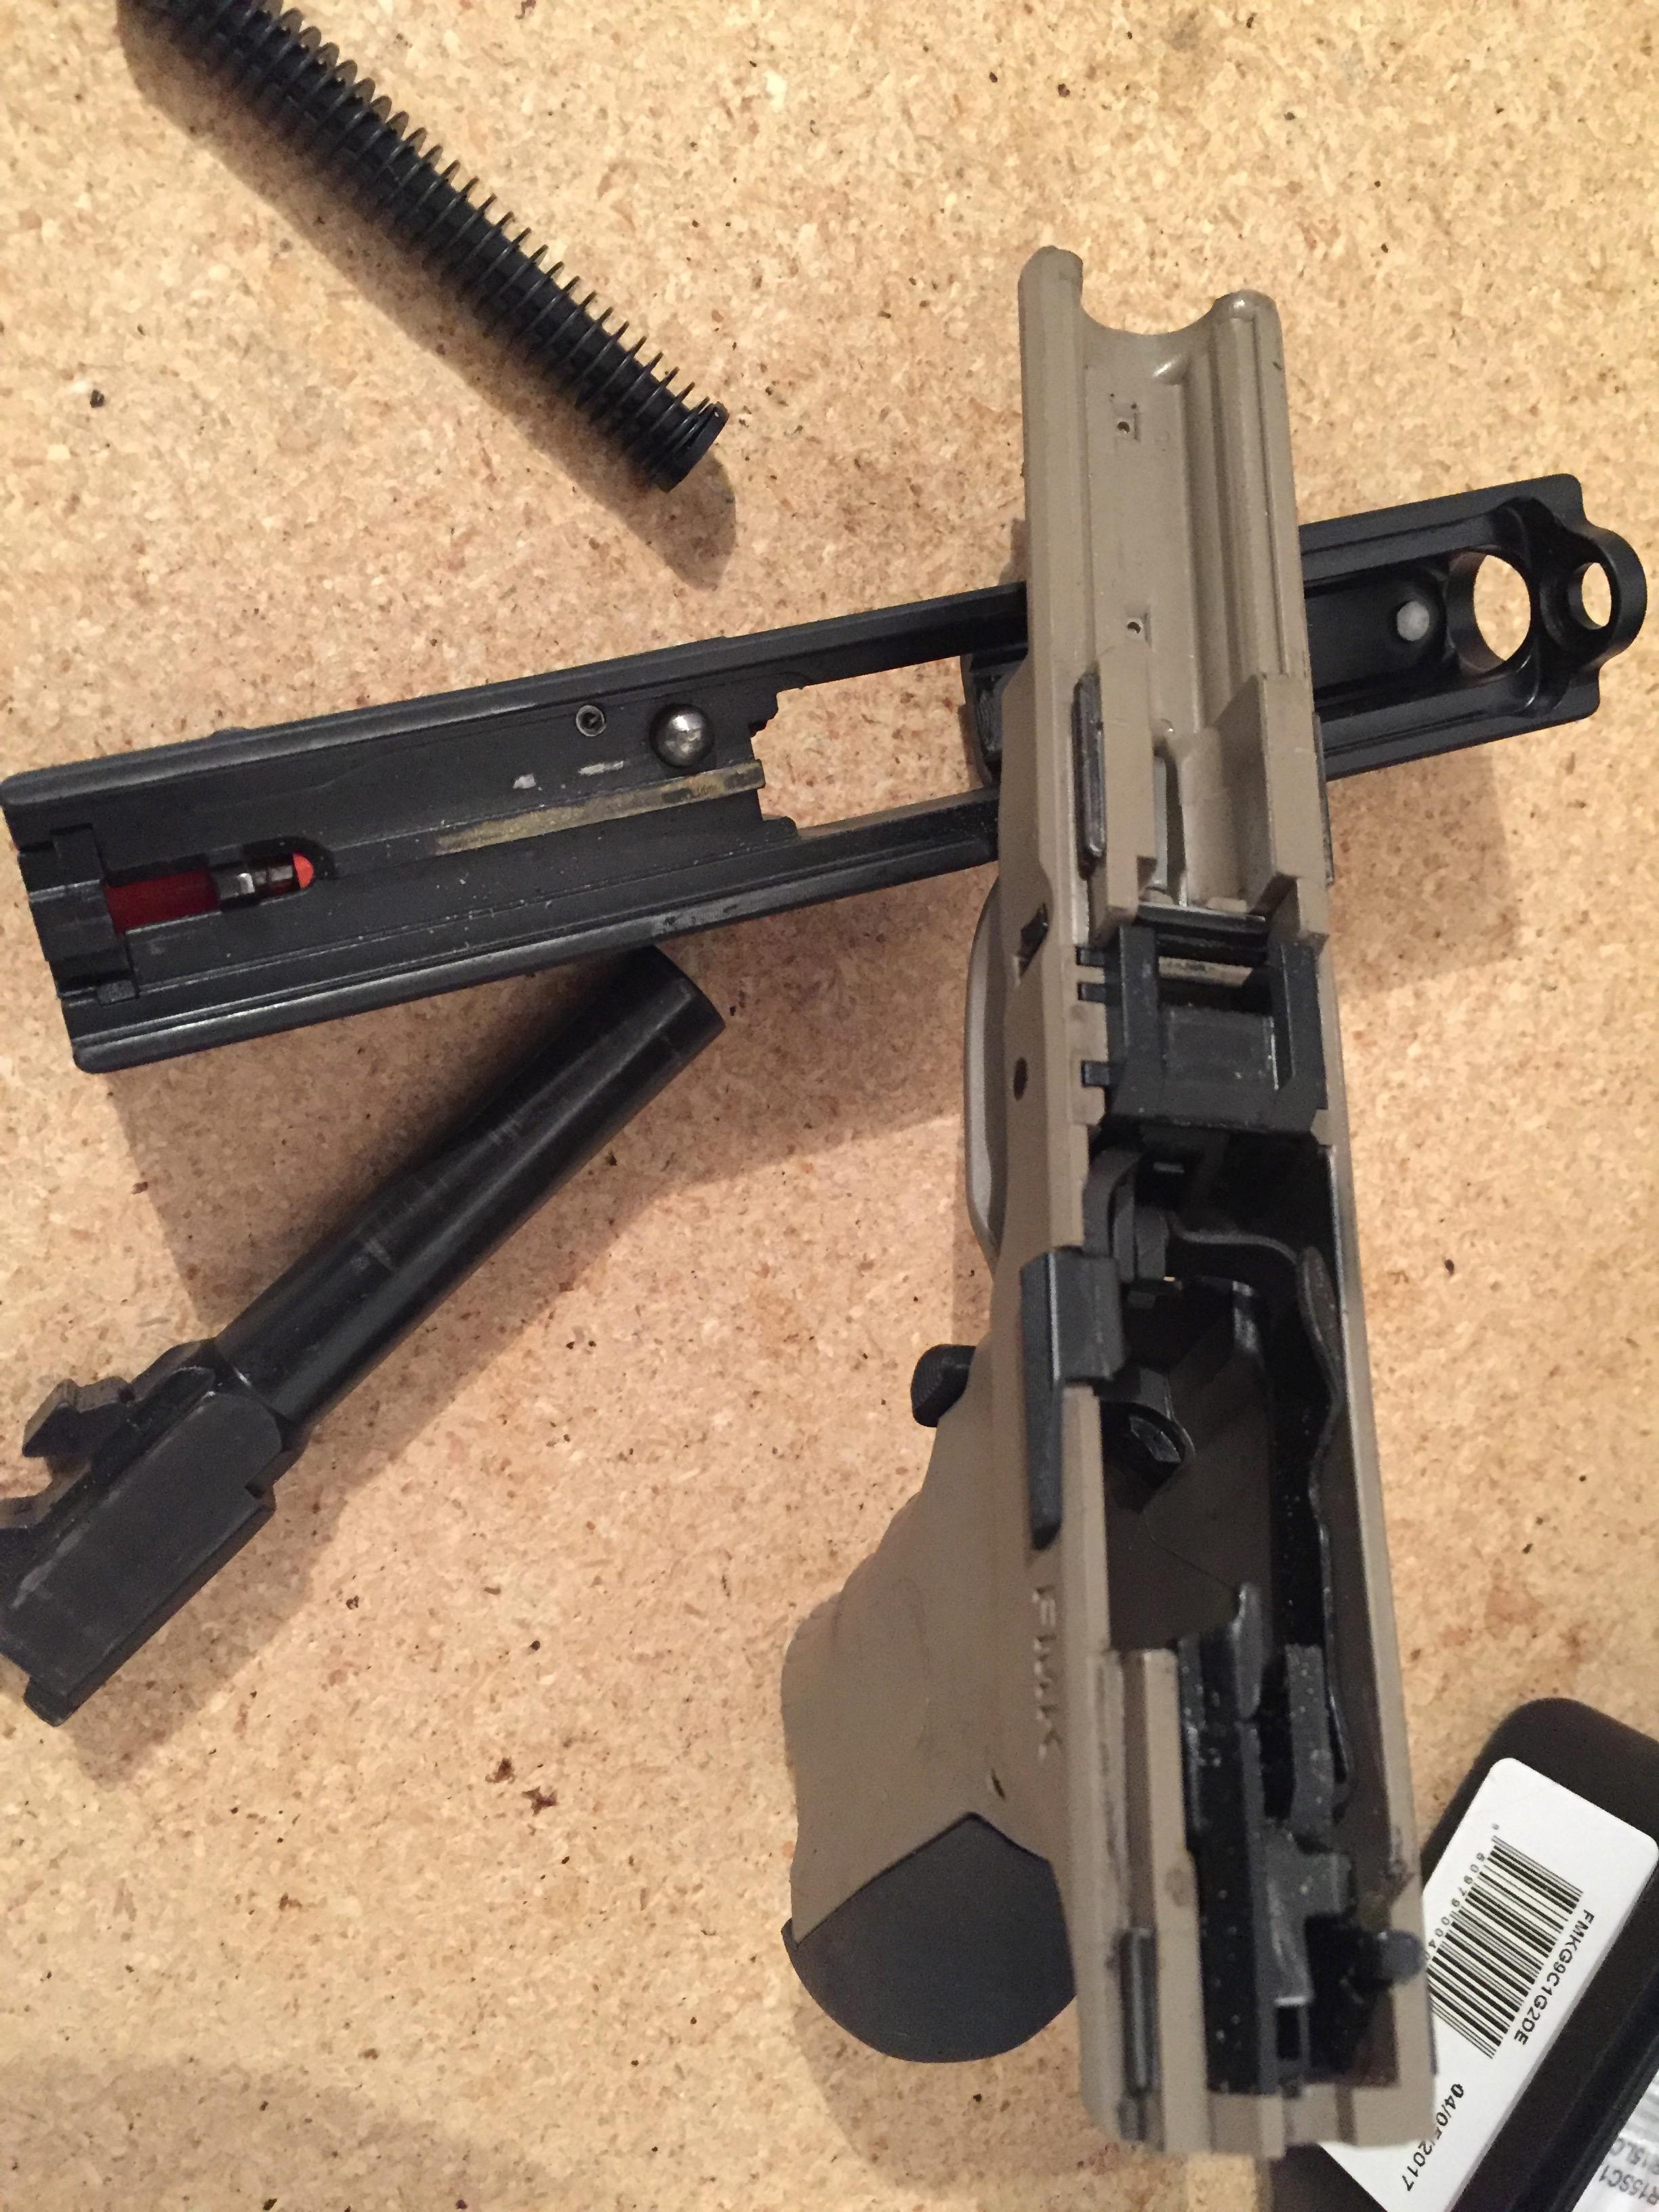 FMK 9C1 9mm compact handgun